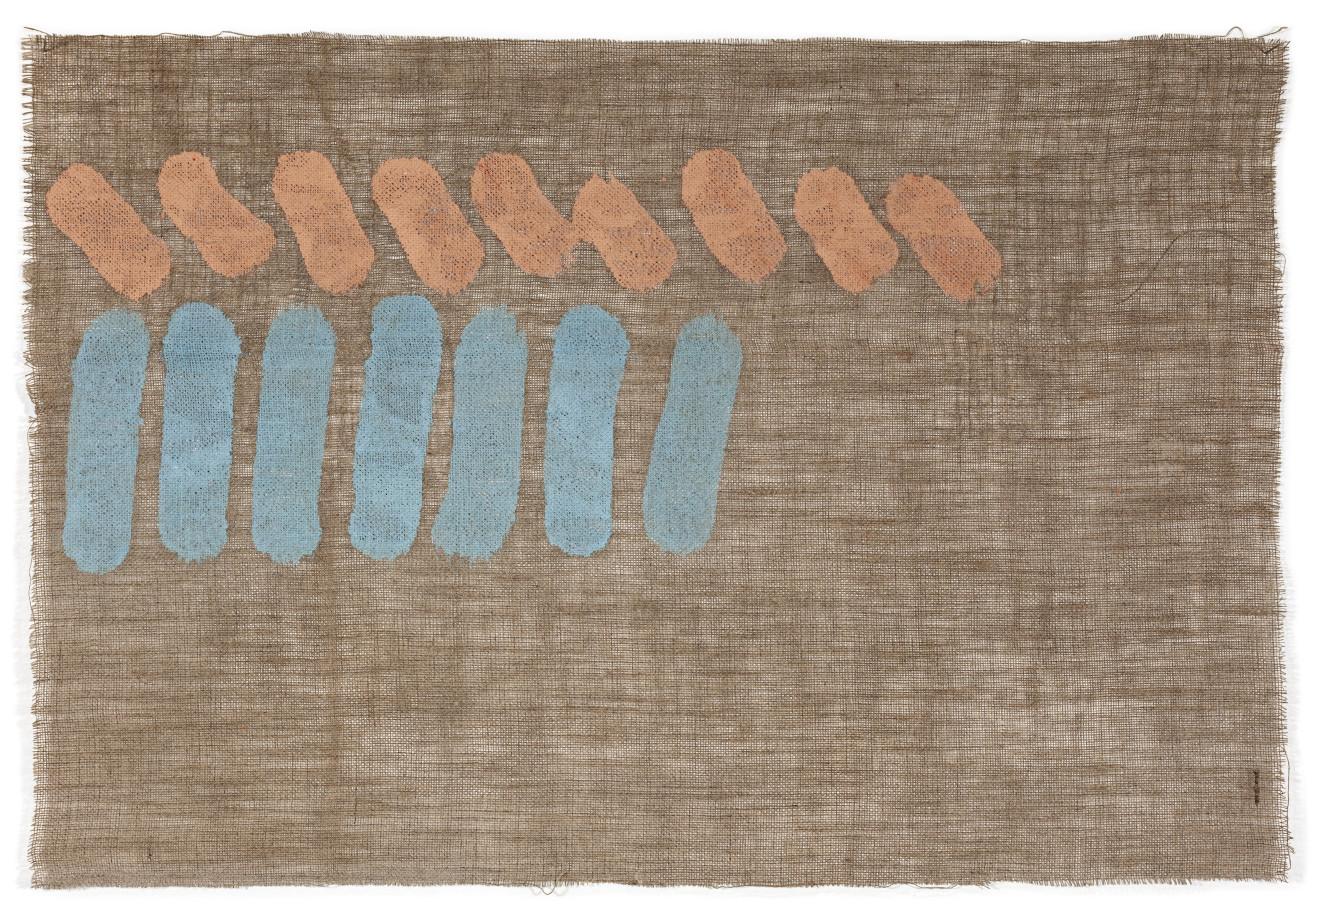 Giorgio Griffa, Due colori, 1978